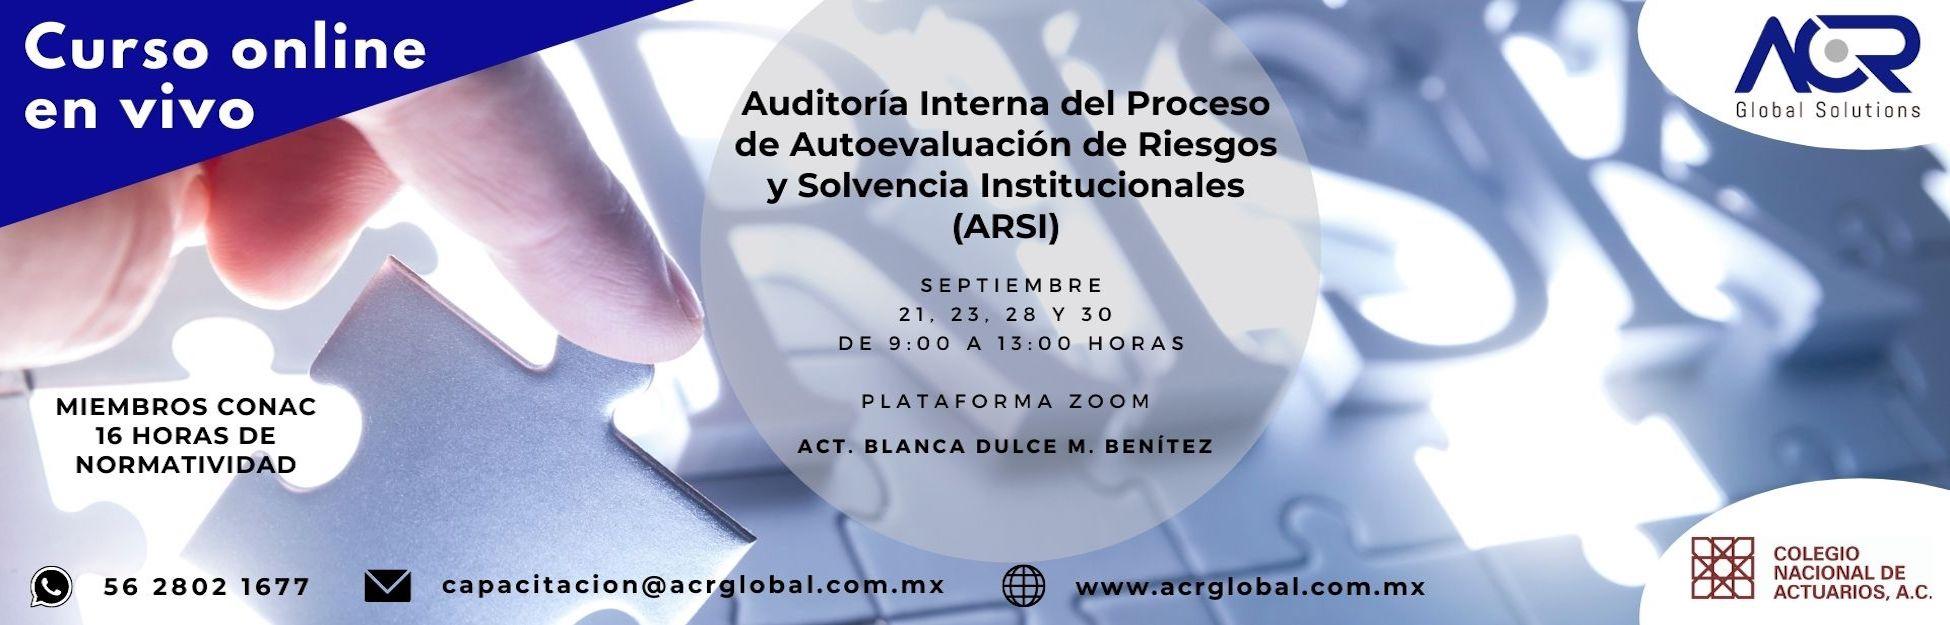 ARSI_WEB-1